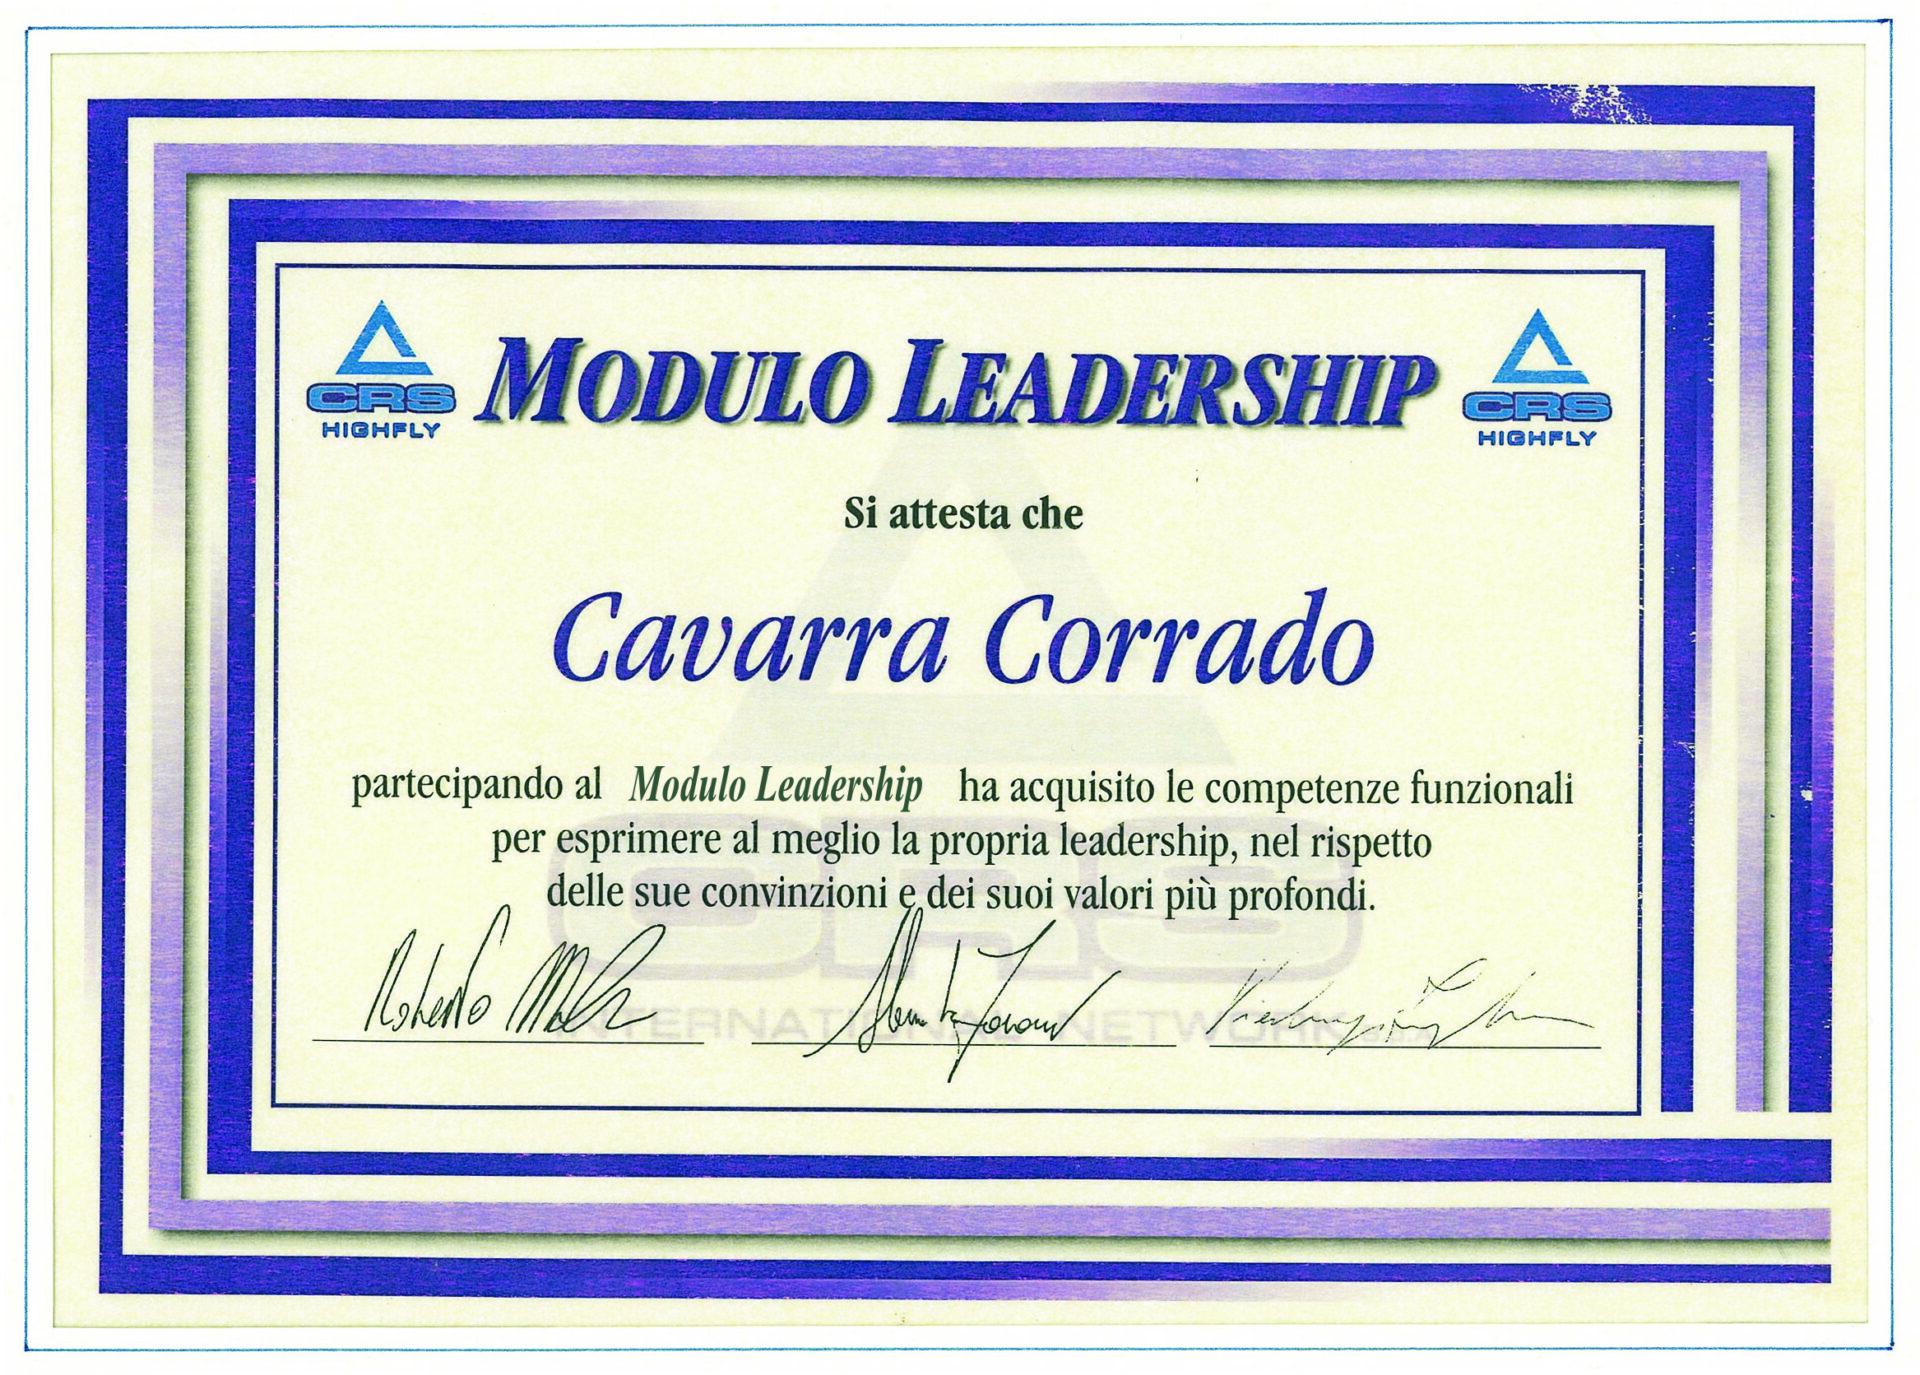 Attestati e riconoscimenti Corrado Cavarra6